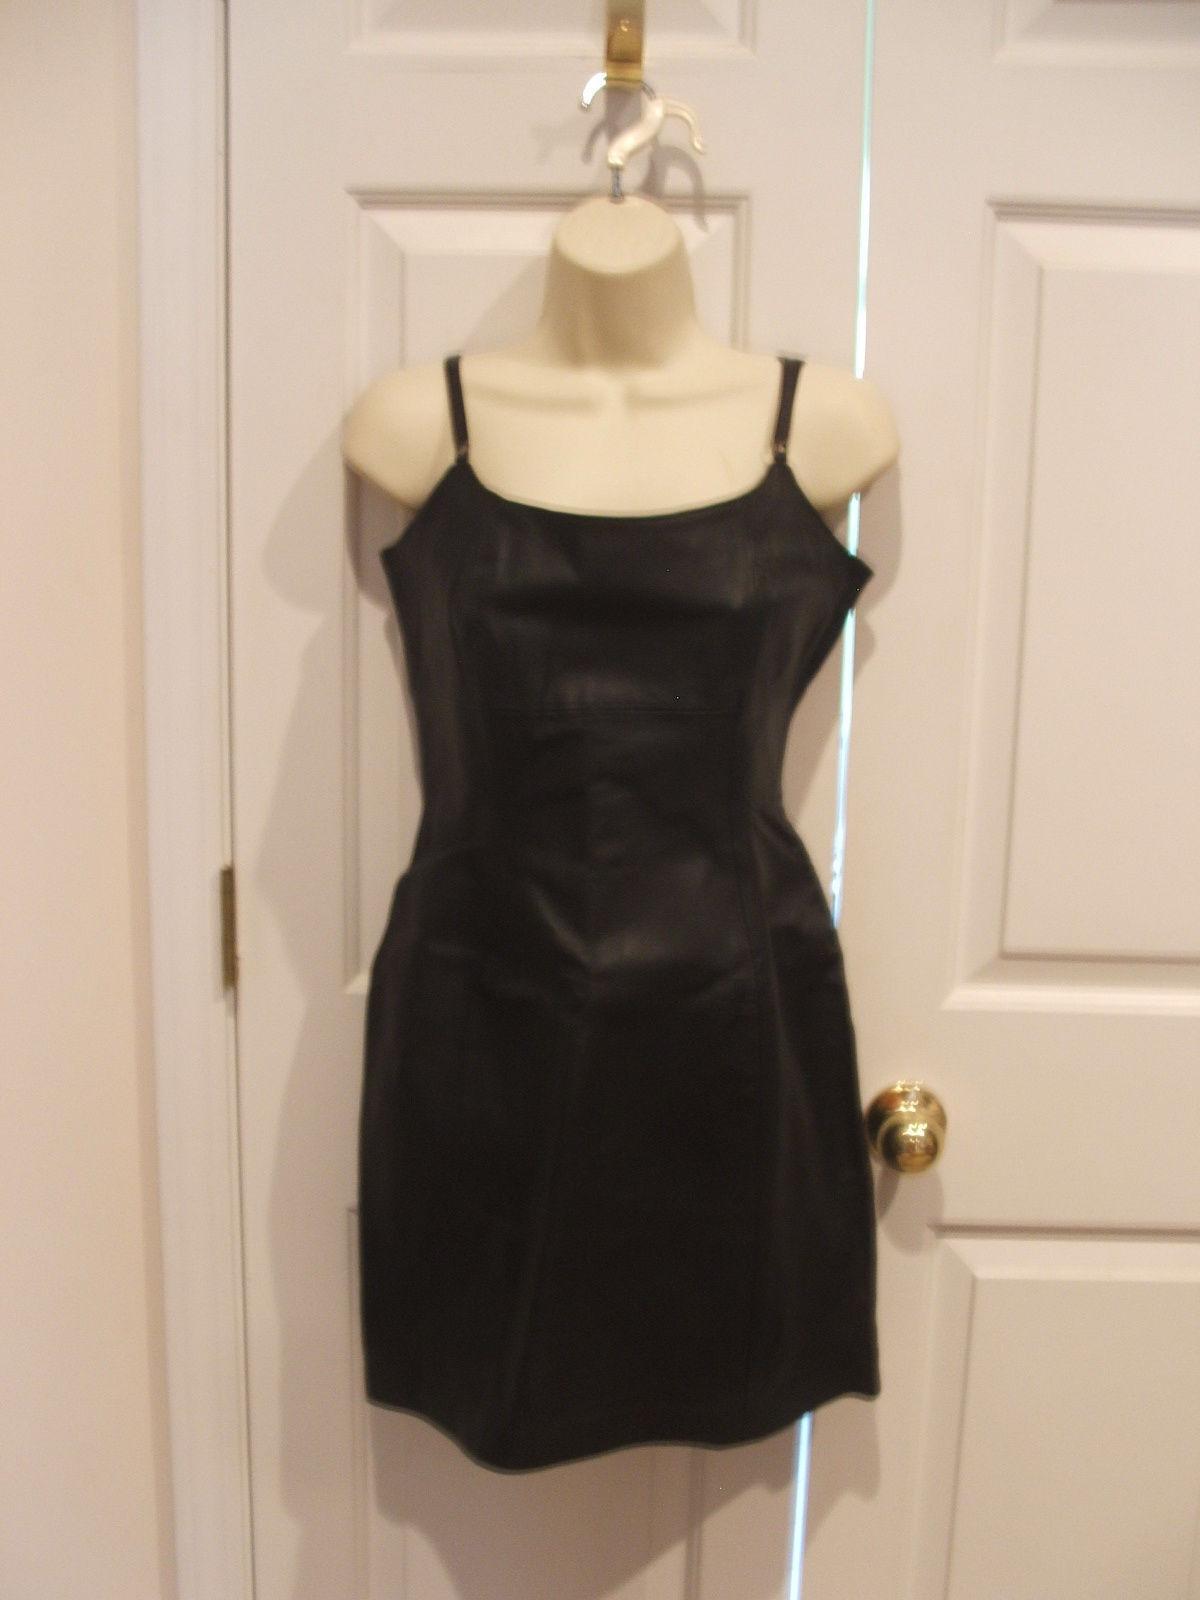 New in pkg styleworks  schwarz leather straps strapless  dress Größe  8